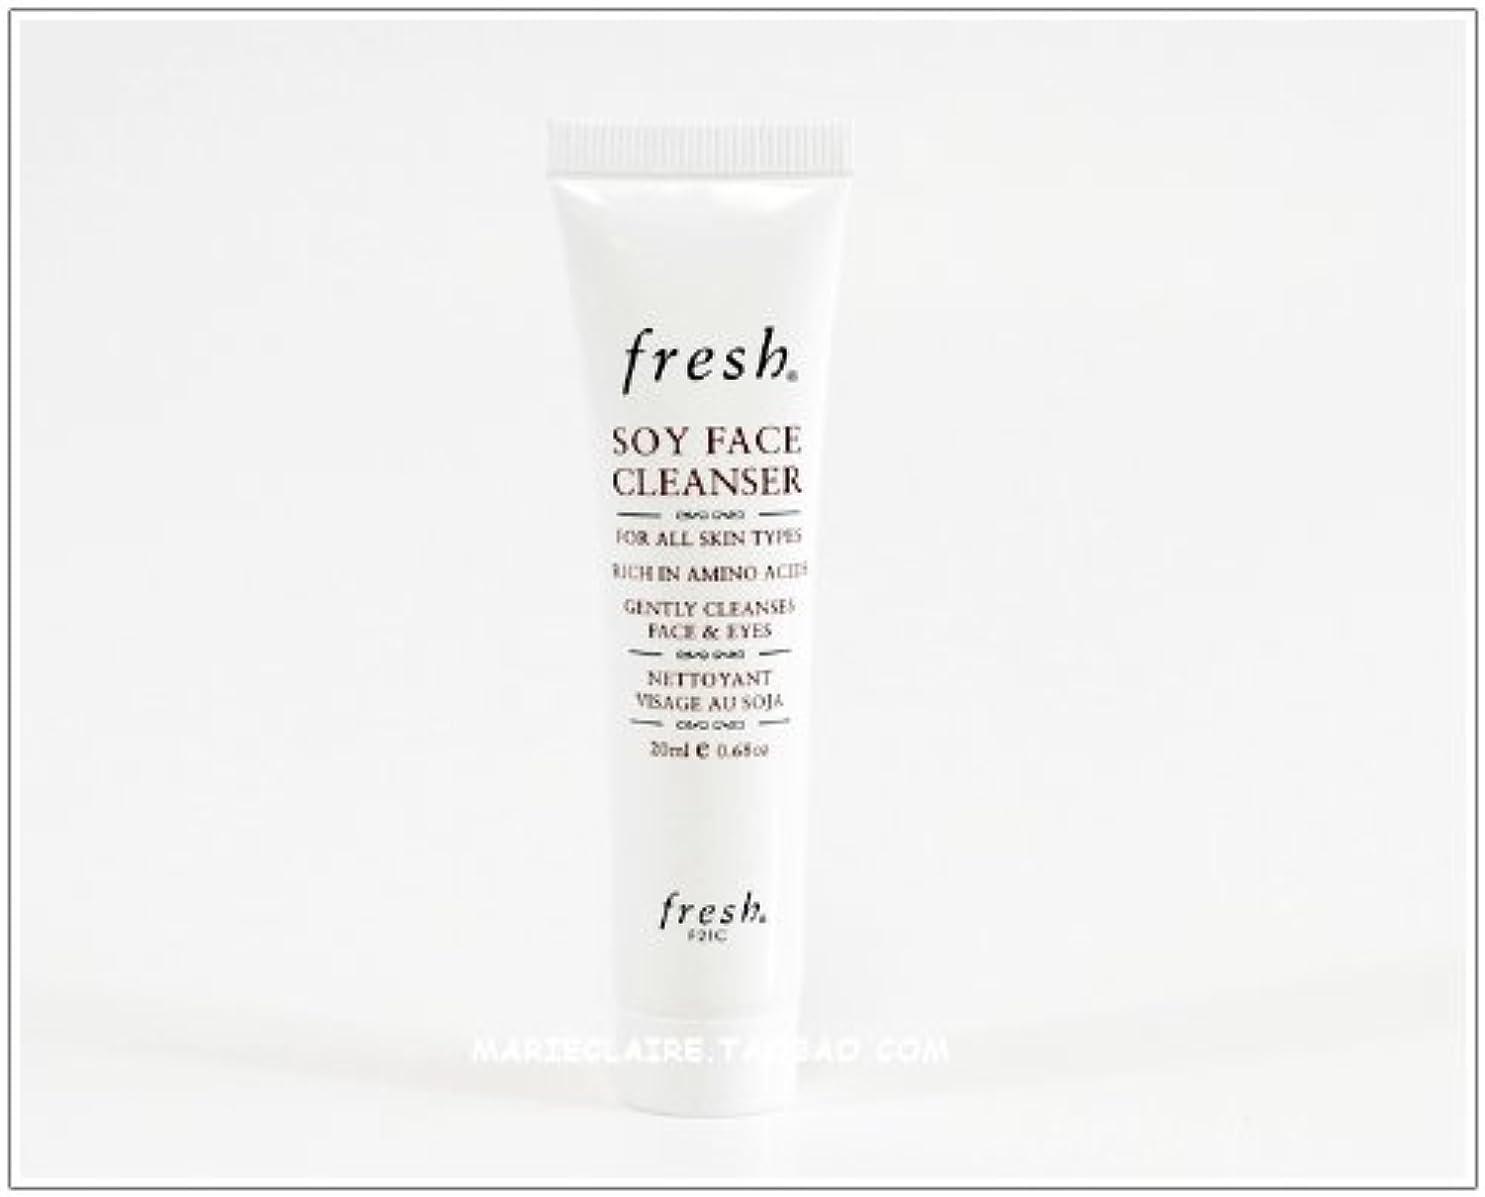 ケープ松の木薬剤師Fresh SOY FACE CLEANSER (フレッシュ ソイ フェイス クレンザー) 0.6 oz (20ml) トラベルサイズ by Fresh for Women